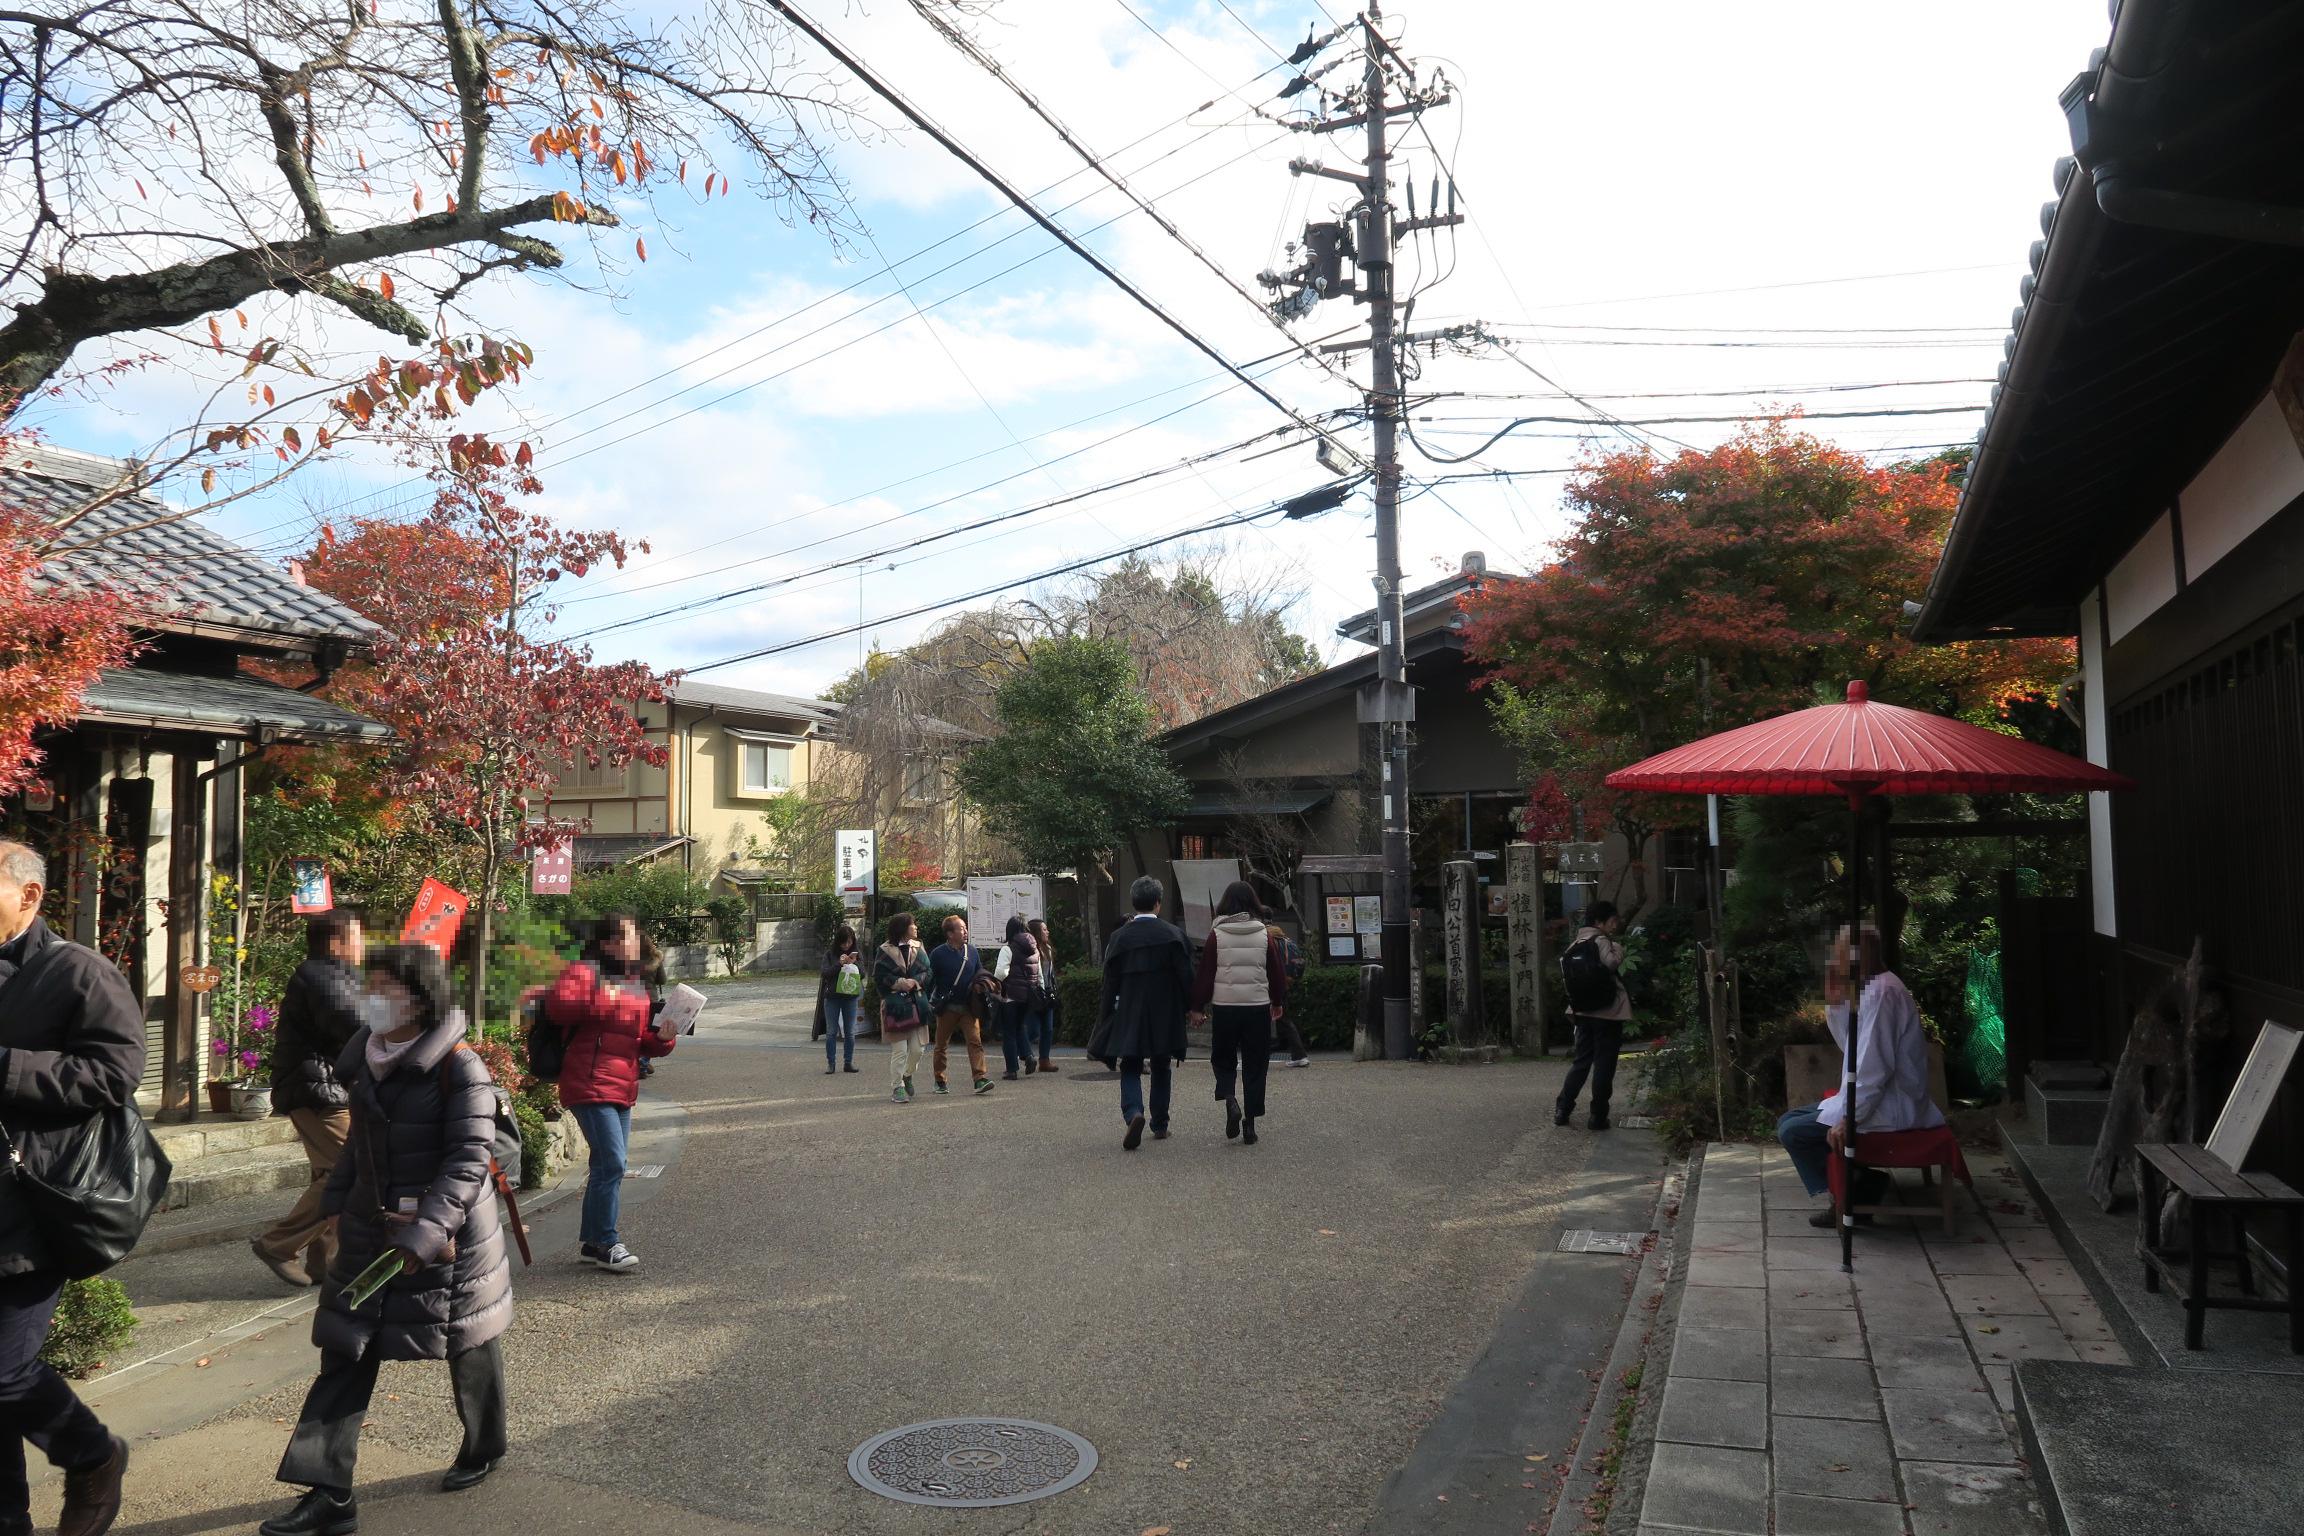 祇王寺から下ってくるとお店が何件かあります。渡月橋付近は混んでいるのでお昼はこの辺りがいいかも。